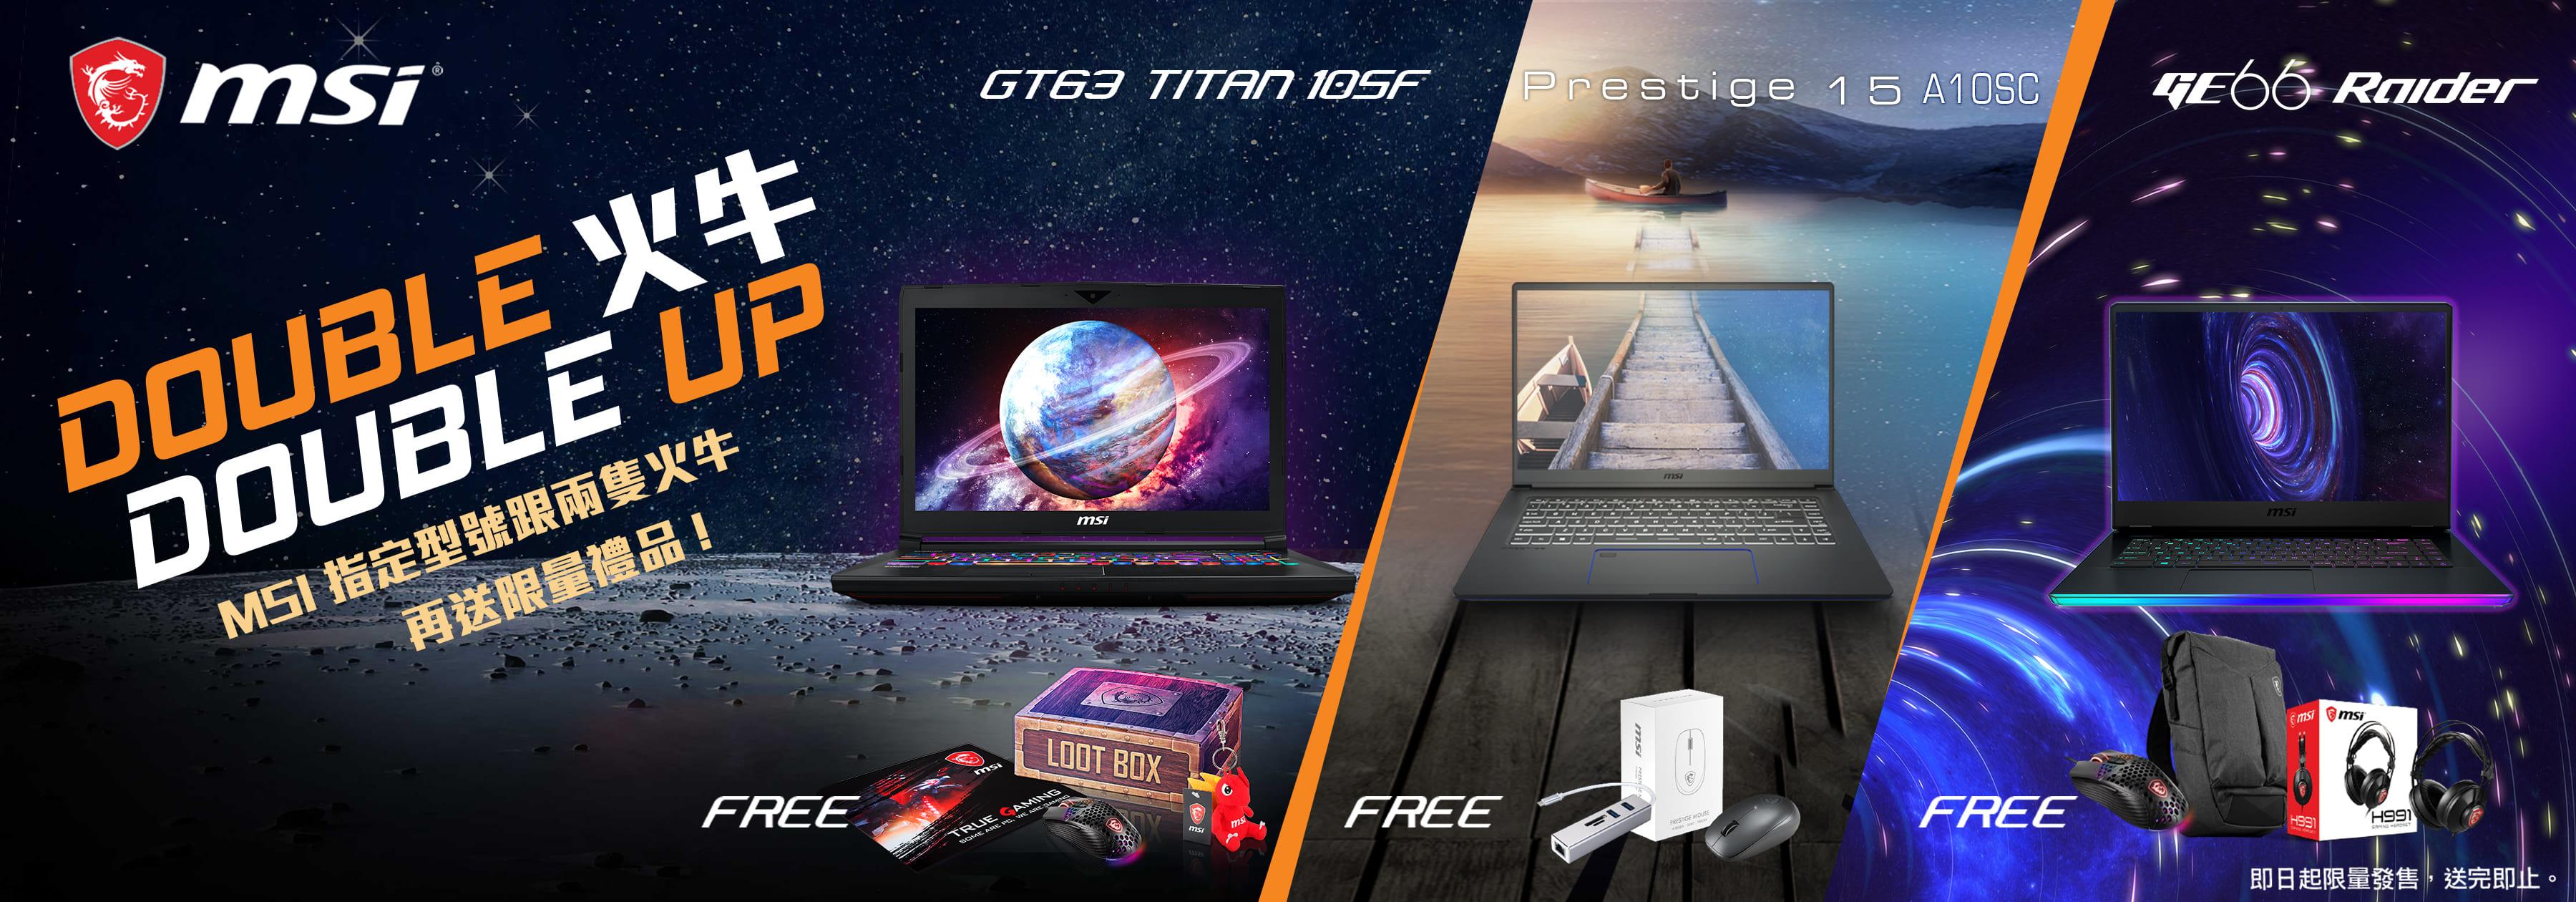 火牛, GE66, Prestige, Creator, 4K, GT